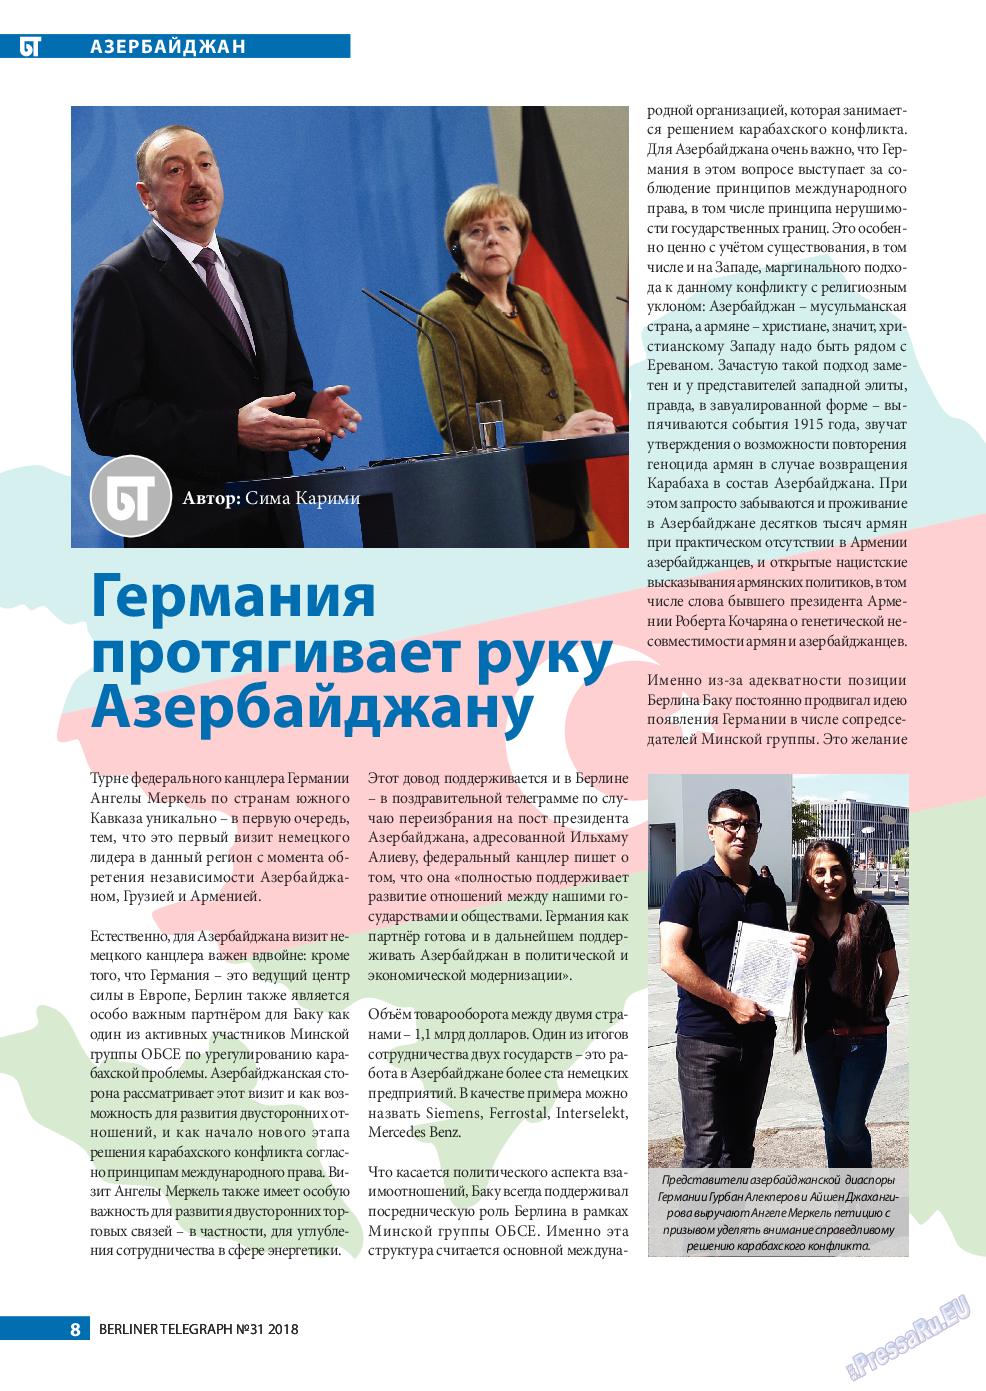 Берлинский телеграф (журнал). 2018 год, номер 31, стр. 8